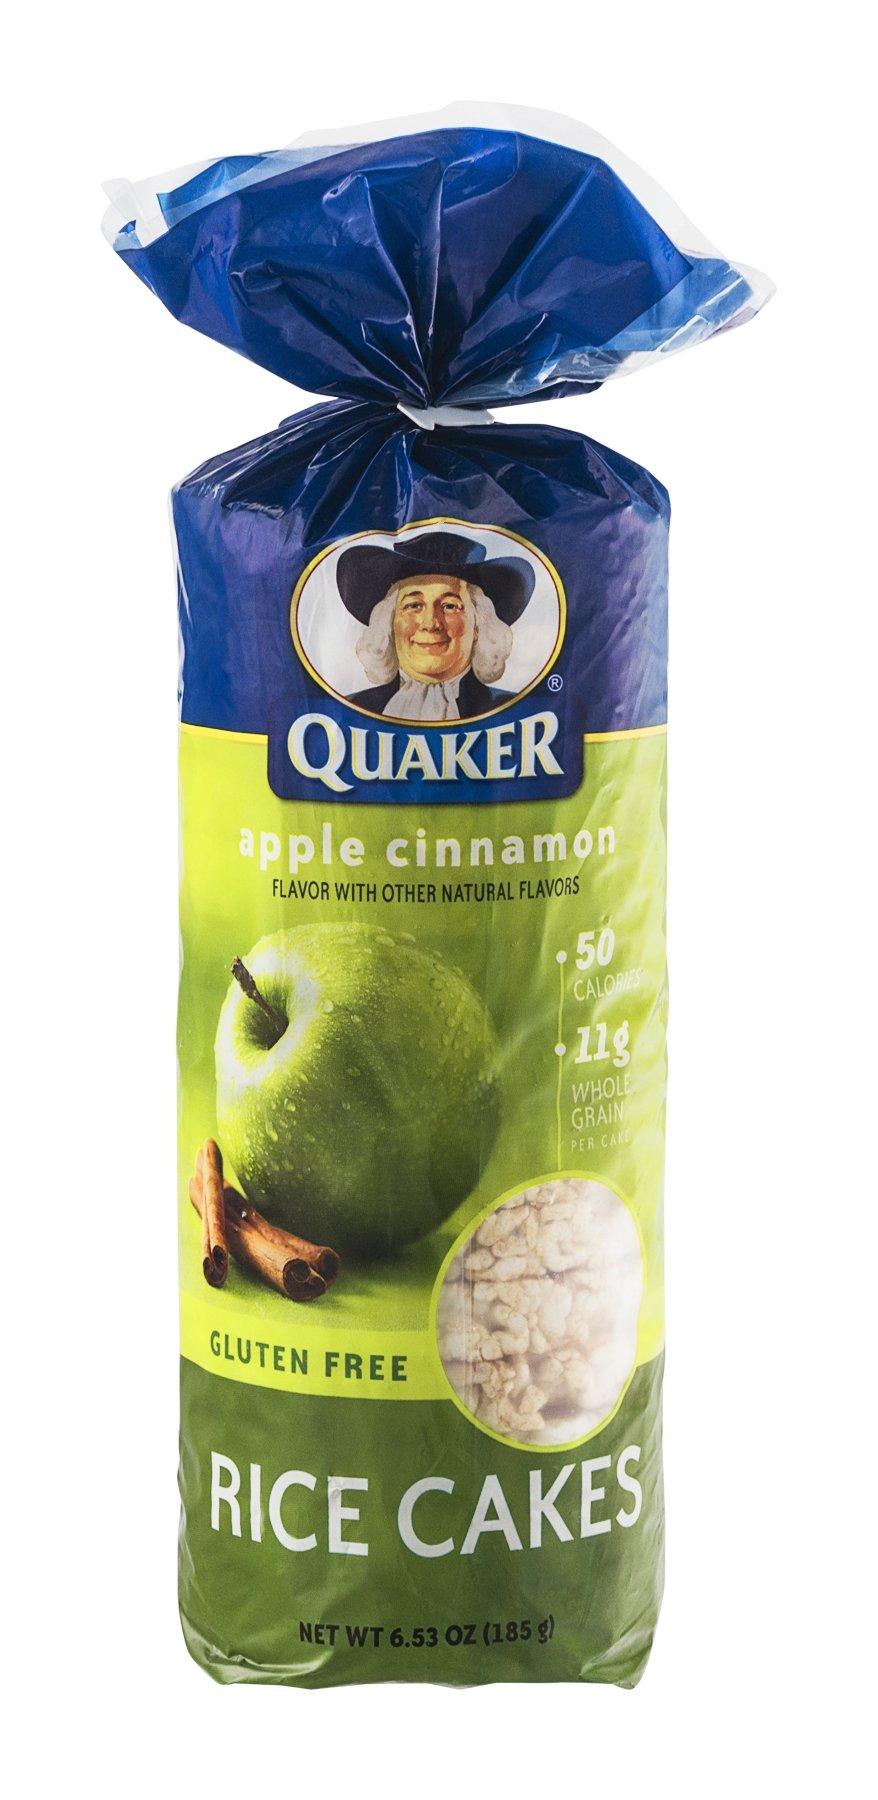 Quaker Rice Cakes Apple Cinnamon 6.53 Oz - 6 Unit Pack ... Quaker Rice Cakes Apple Cinnamon